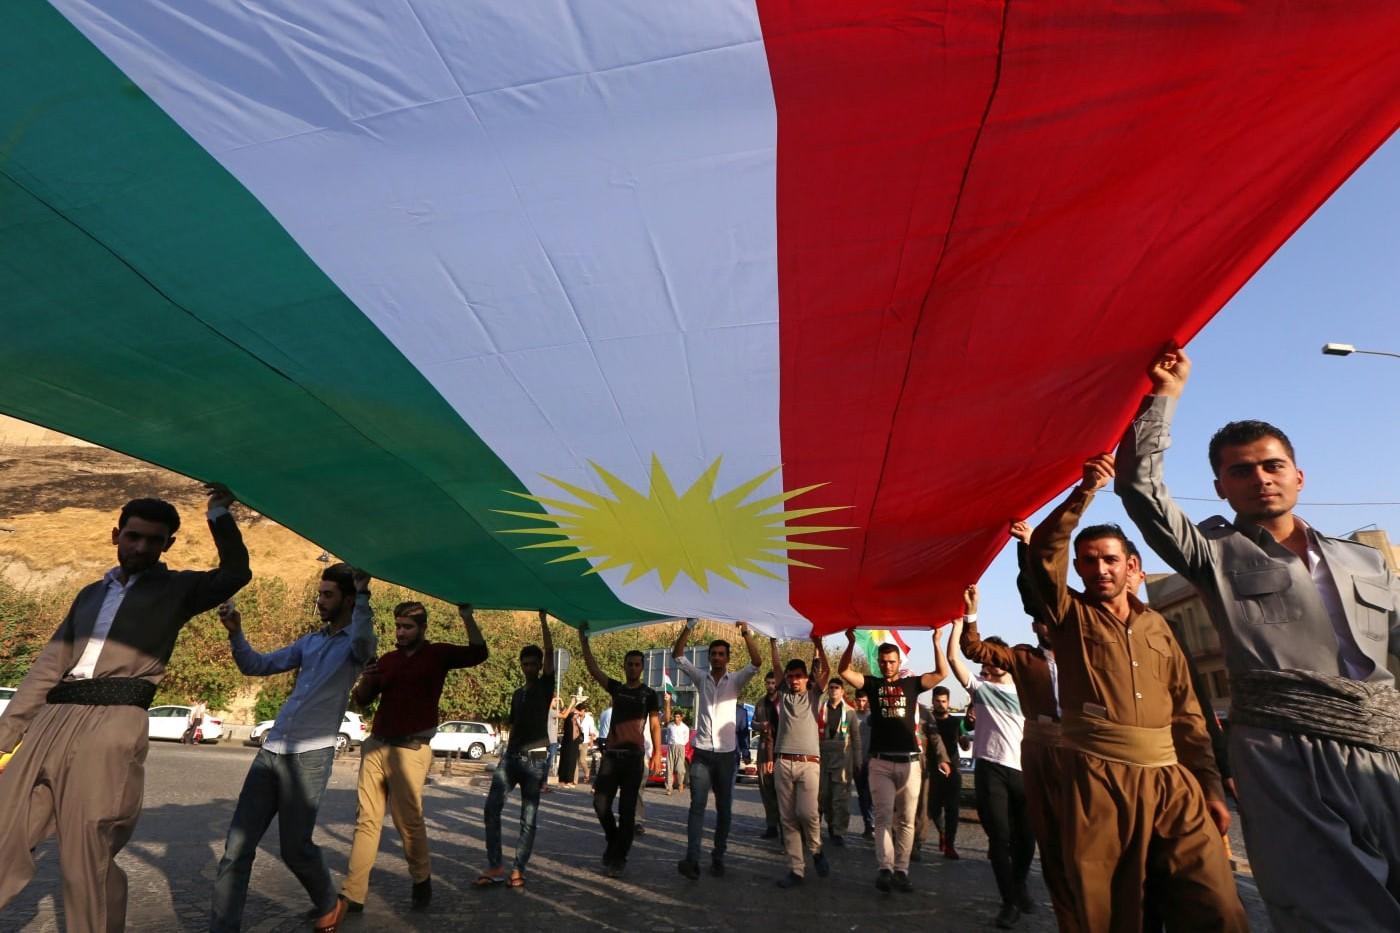 Ирачки Курди држе велику заставу Курдистана док шетају Ербилом, главним градом Ирачког Курдистана, 13. септембар 2017. (Фото: SAFIN HAMED/AFP/Getty Images)